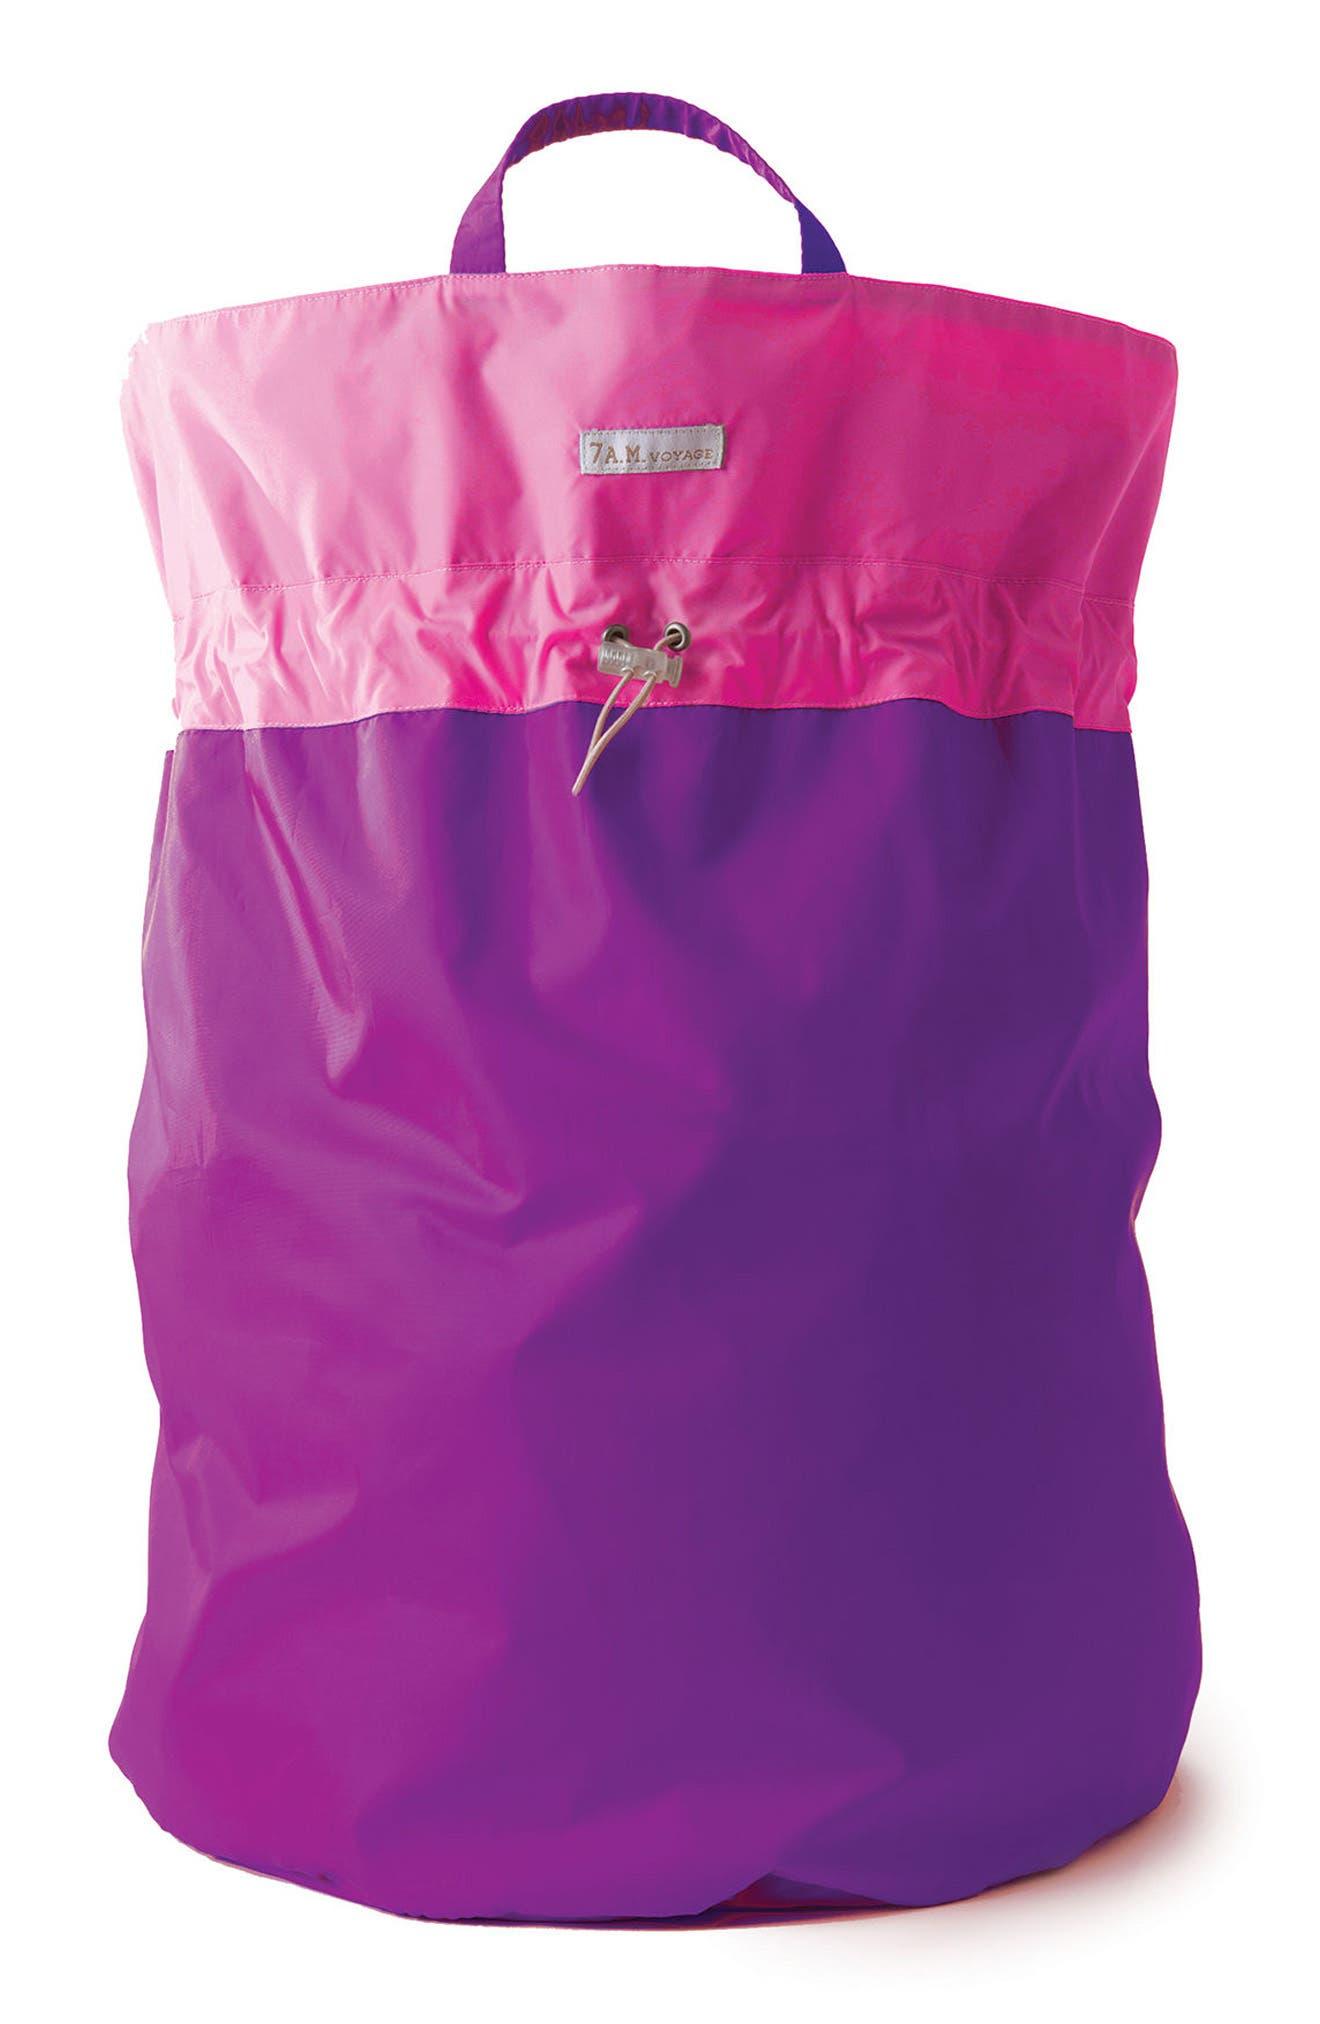 Alternate Image 1 Selected - 7 A.M. Enfant Water Repellent Hamper Bag